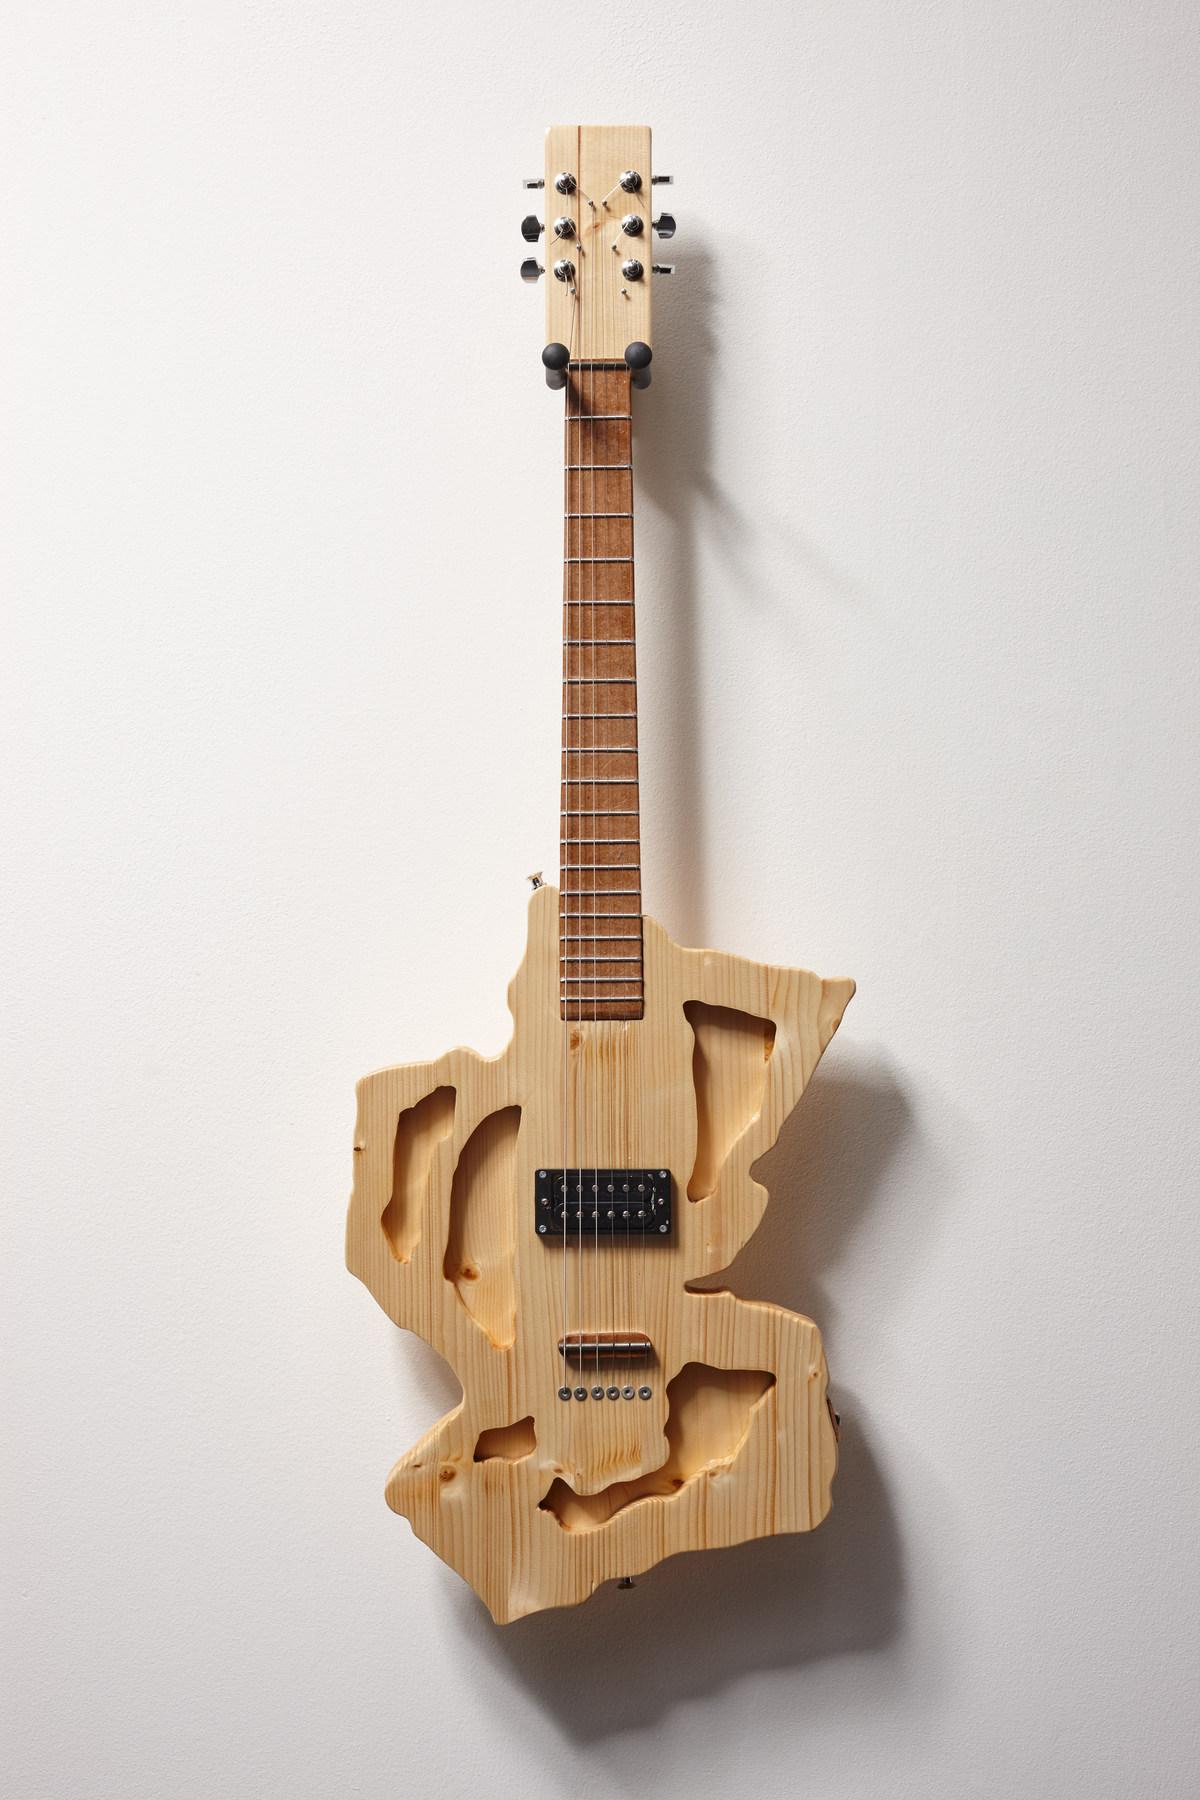 Flavio Merlo - Guitar VI, 2015